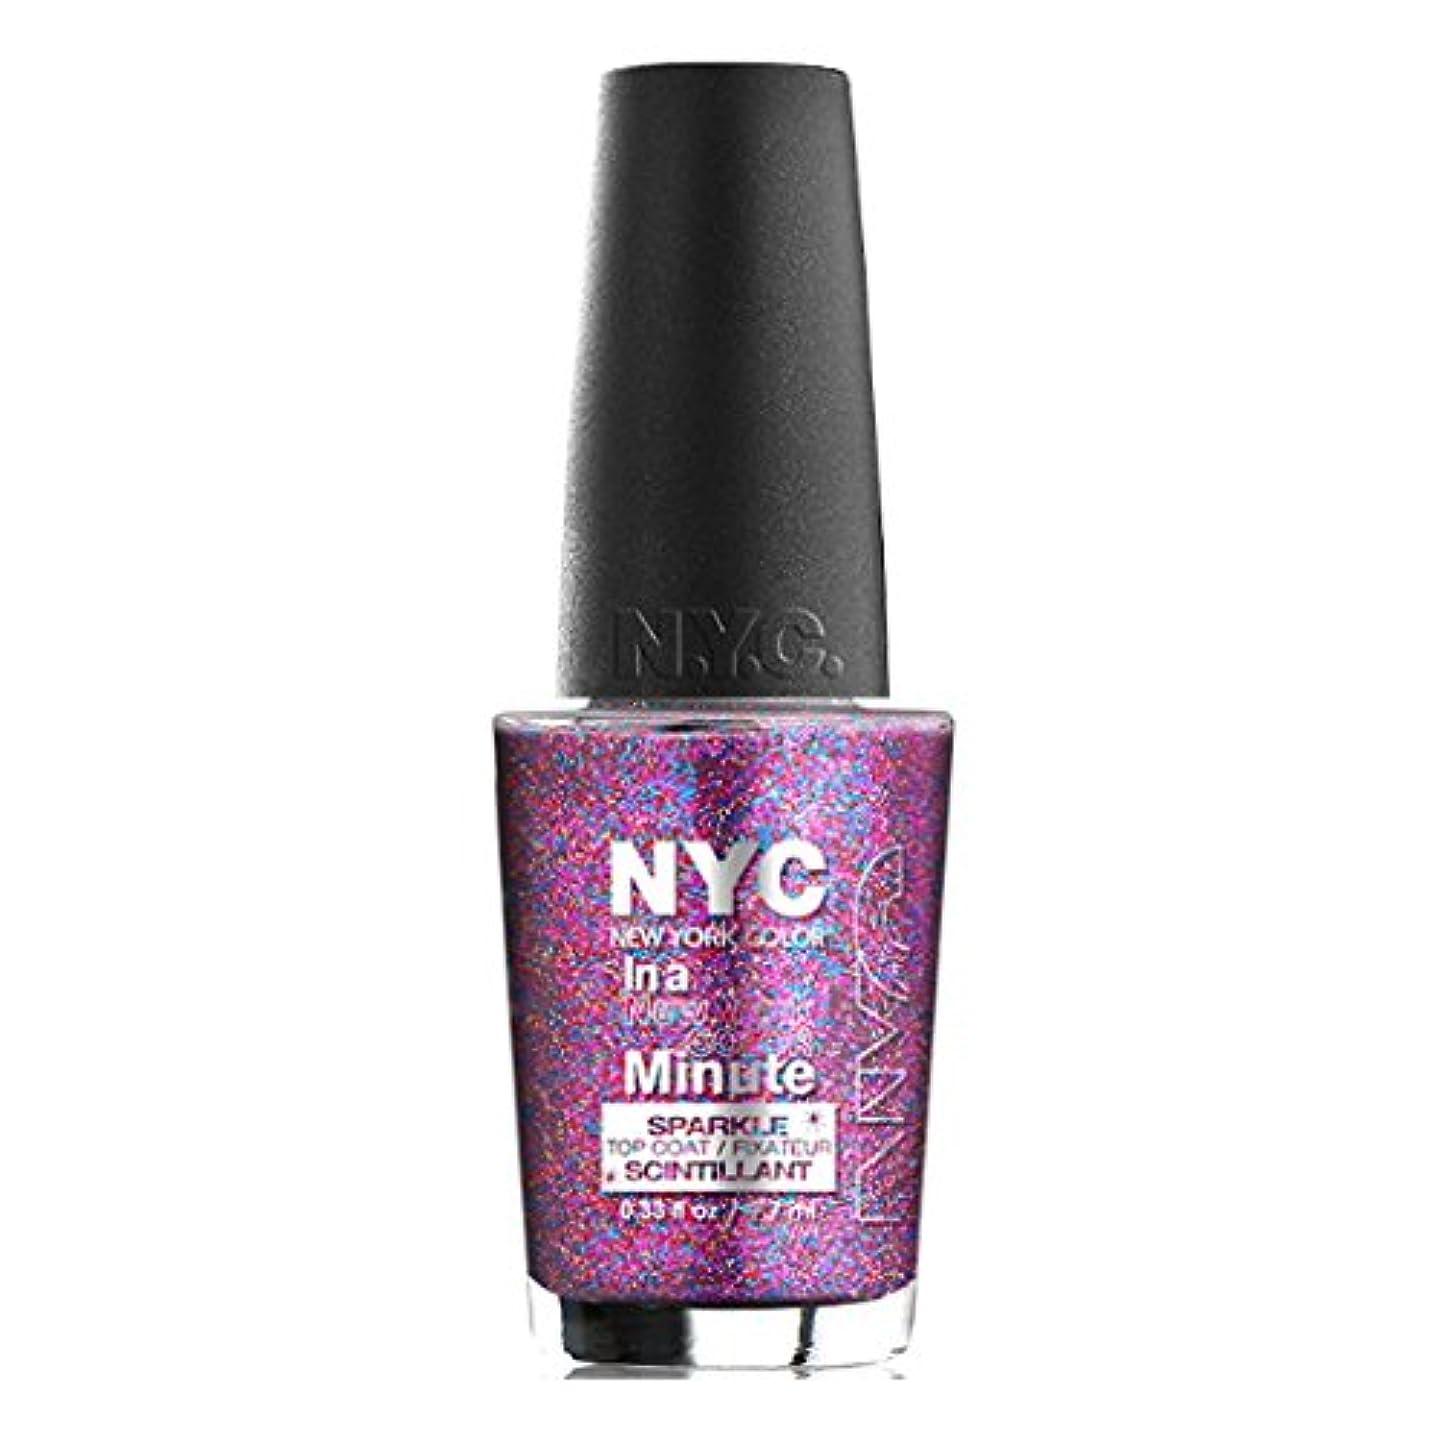 オーロックテラス放射性(3 Pack) NYC In A New York Color Minute Sparkle Top Coat - Big City Dazzle (並行輸入品)